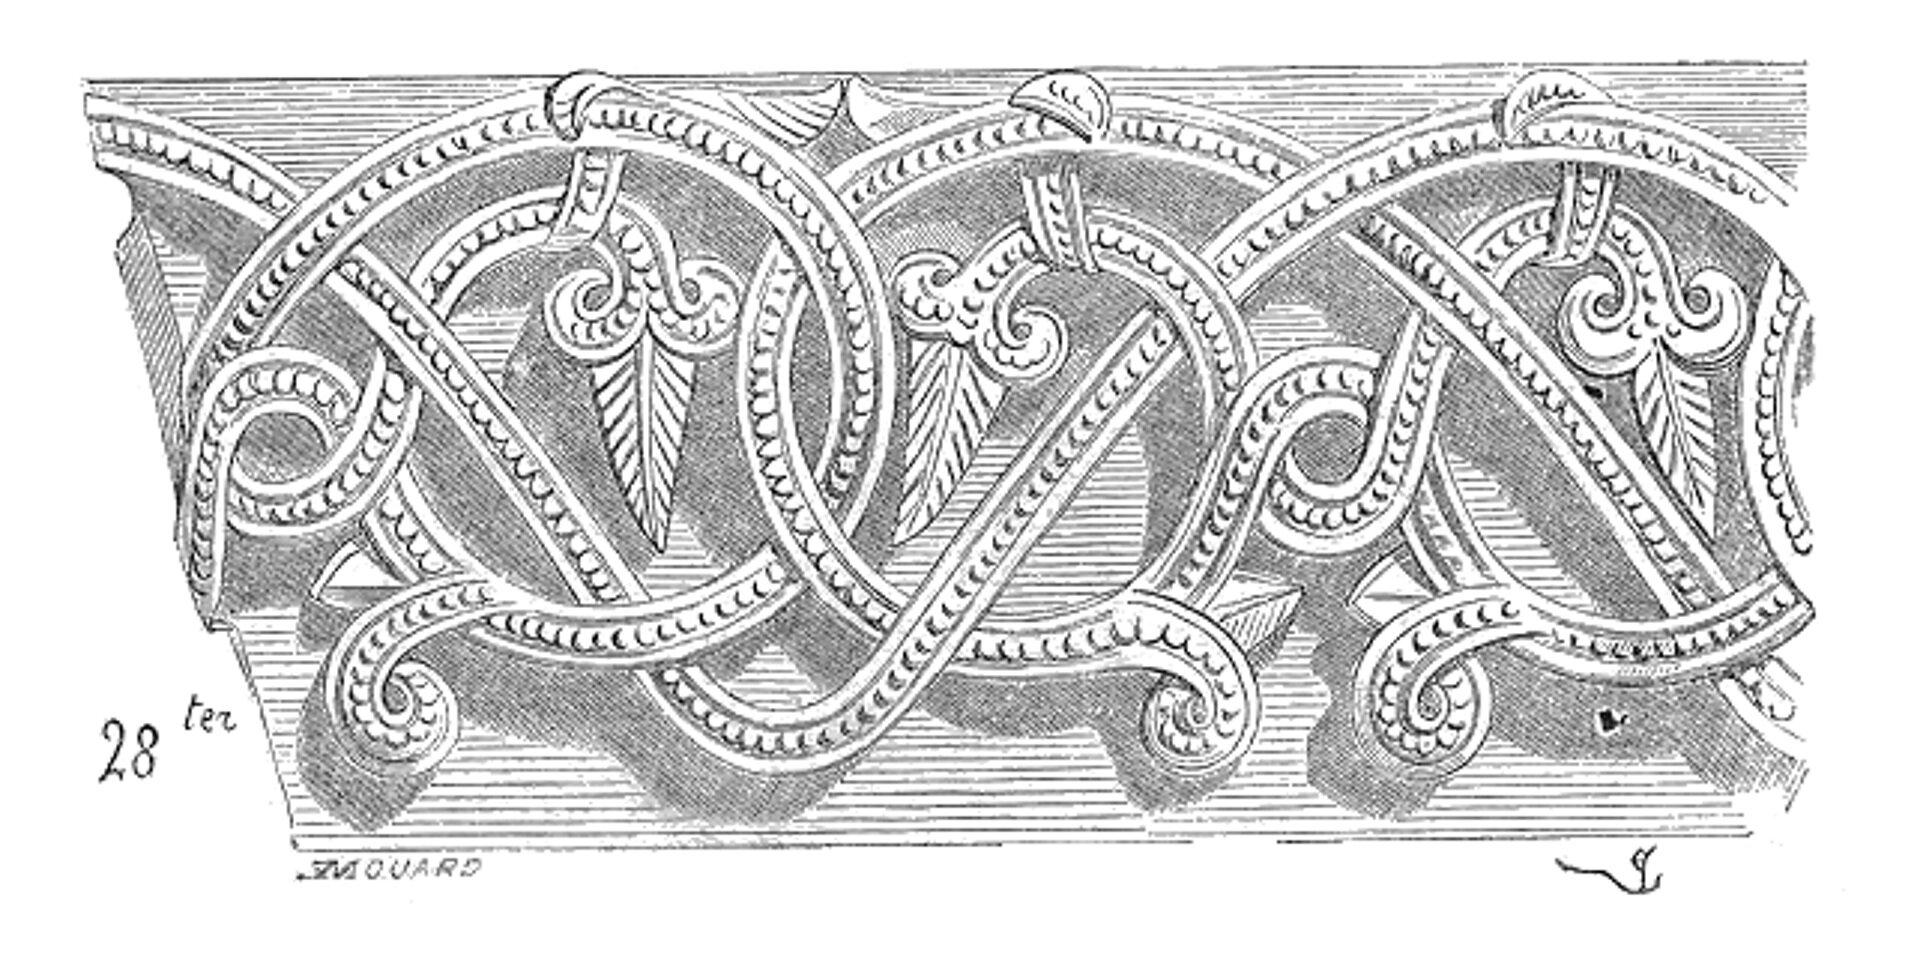 Ilustracja przedstawiająca ornament: plecionka. Element dekoracyjny naszkicowany jest czarnym kolorem. Ornament kształtem przypomina zapętlone nici zwłóczki. Widoczne są także elementy kształtem przypominające liście.